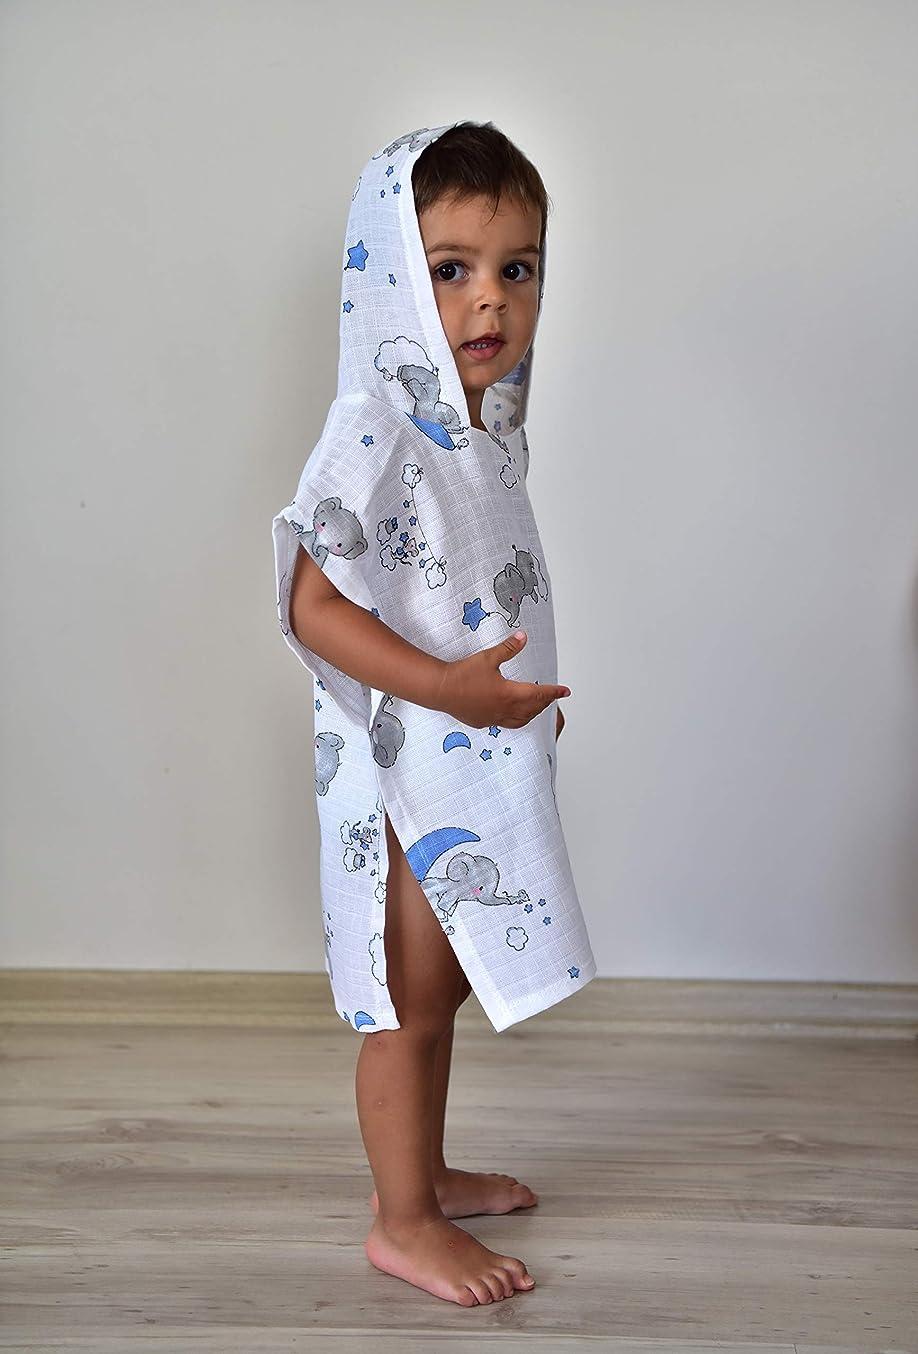 シェトランド諸島コンピューターを使用する大使館眠っているフクロウ Oeko-Tex 認定済み 綿100% モスリンポンチョ 12-24ヶ月 幼児 男の子